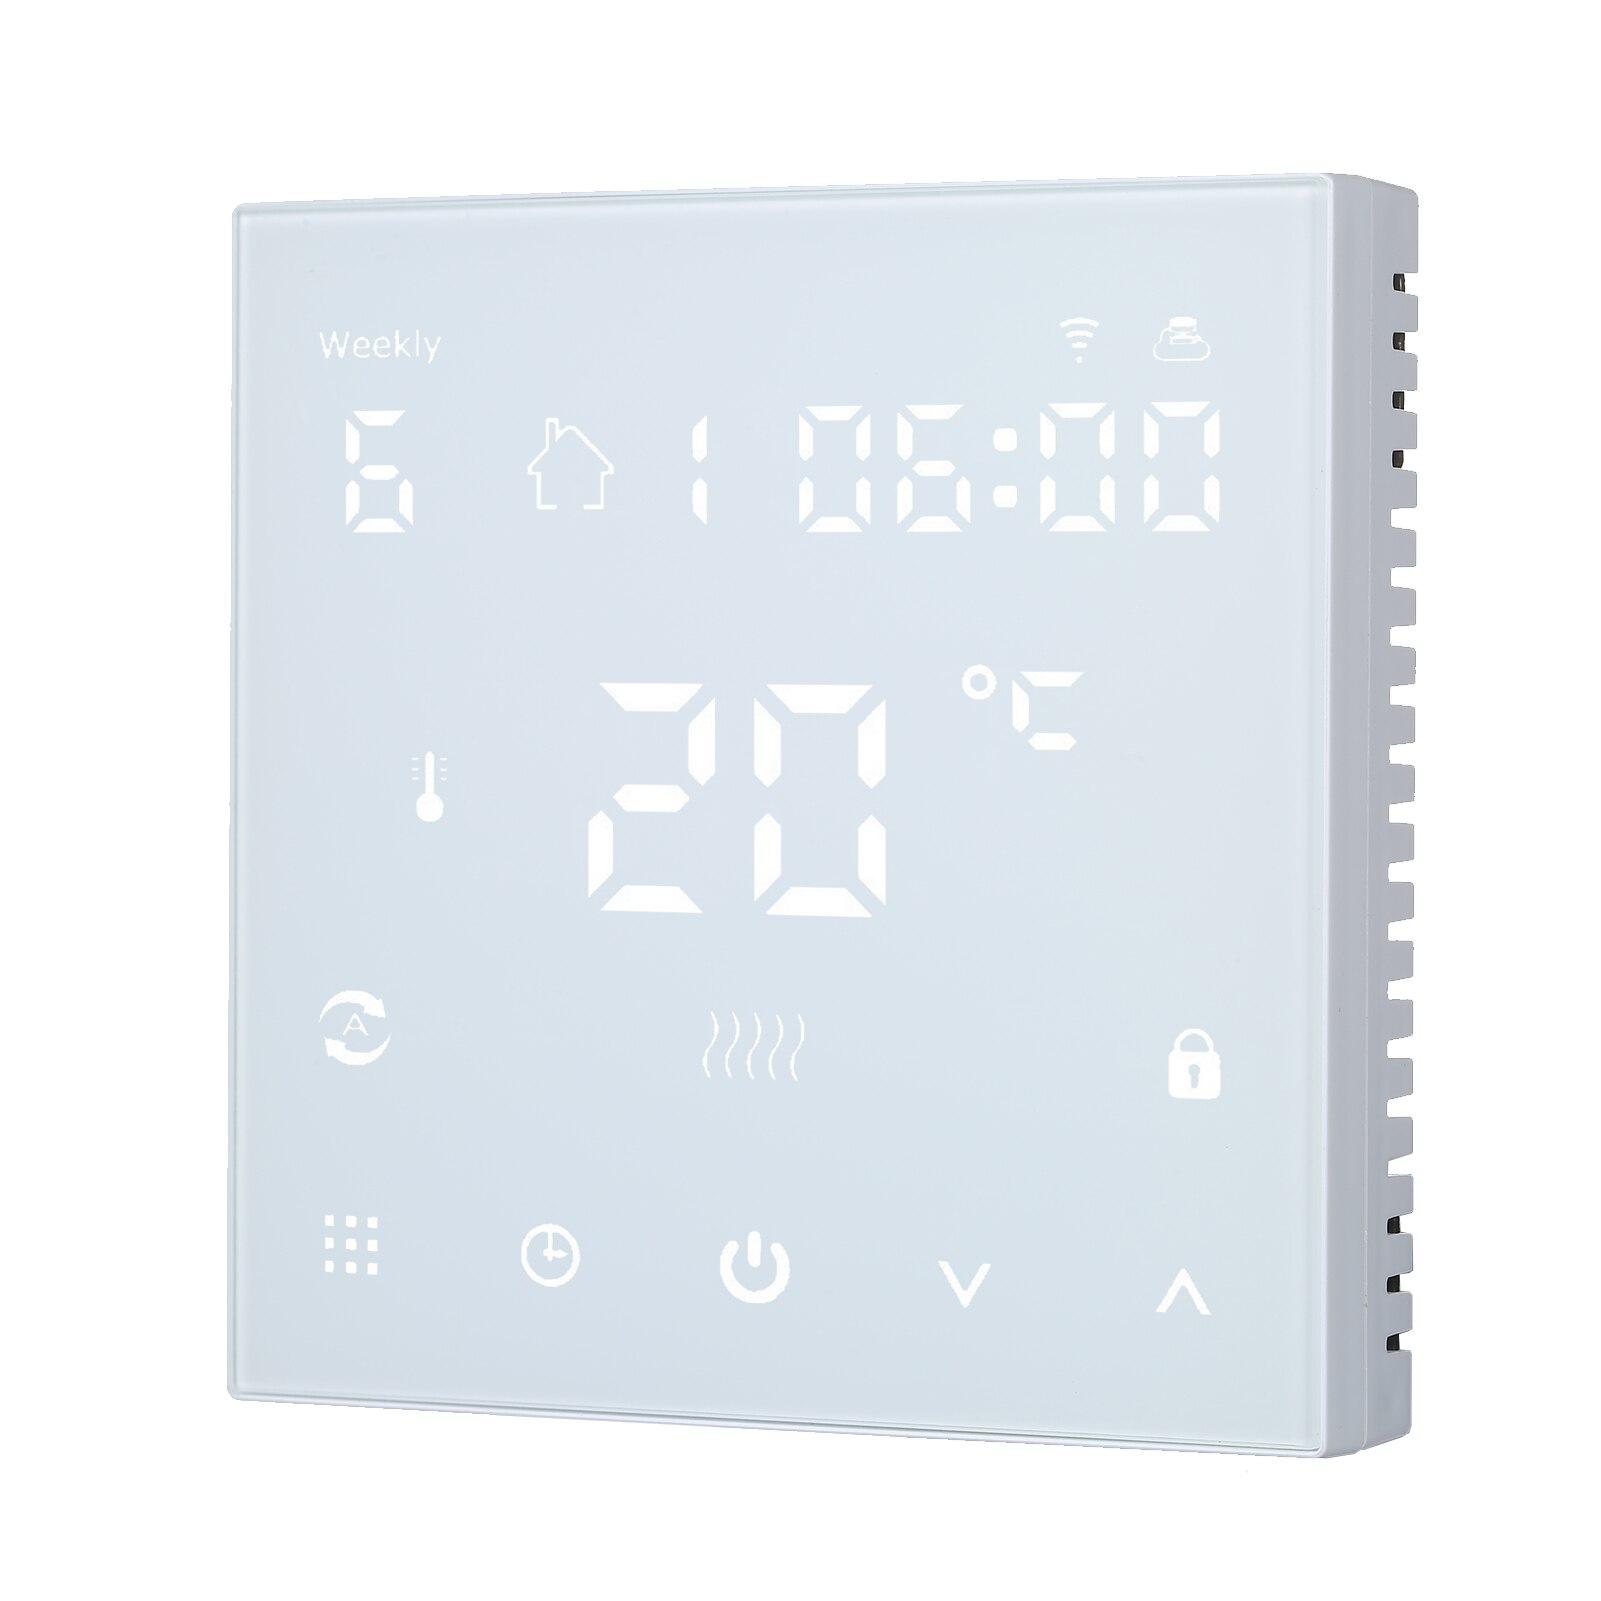 واي فاي LCD التحكم باللمس ترموستات رقمي متحكم في درجة الحرارة APP لوحة التحكم عداد توقيت قابل للبرمجة 16A للتدفئة الكهربائية